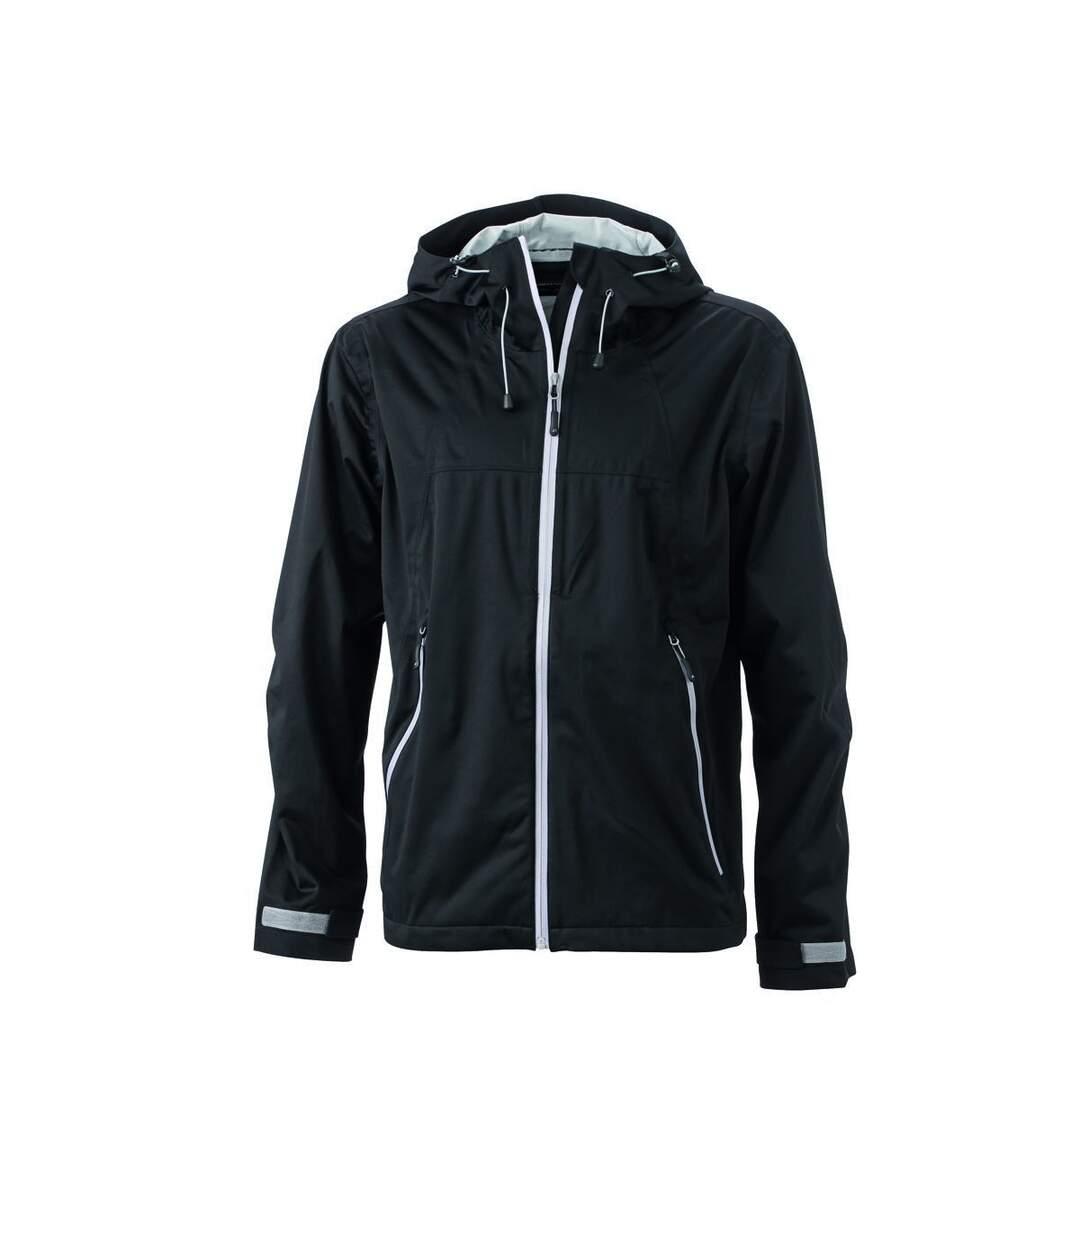 Veste softshell à capuche - homme JN1098 noir argent - coupe-vent imperméable